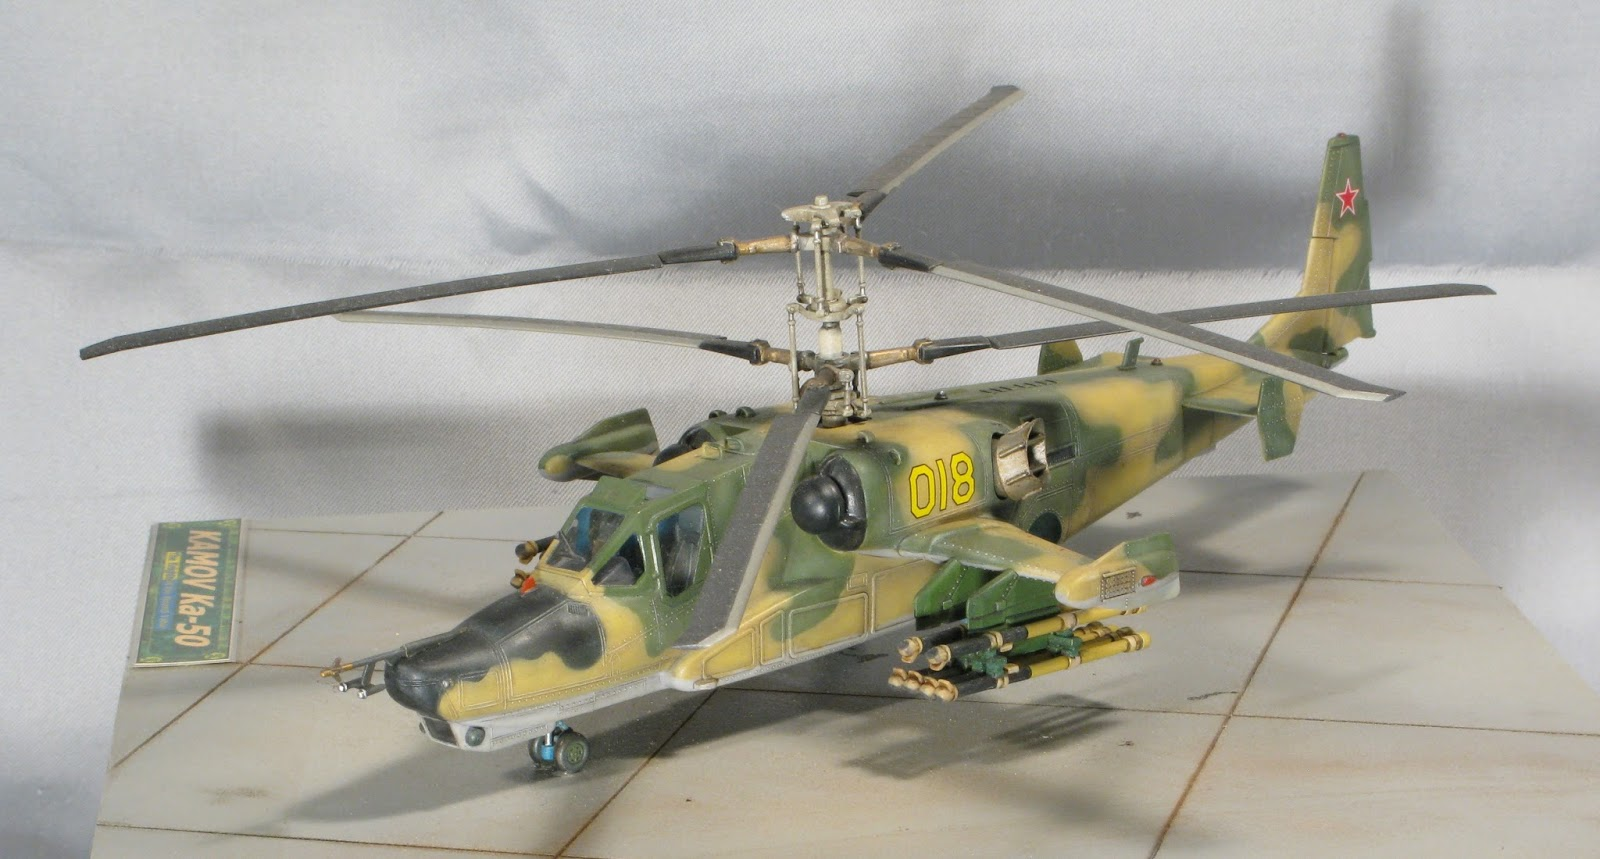 Elicottero Kamov : Dario funghini quot il modellismo statico per tutti i gusti